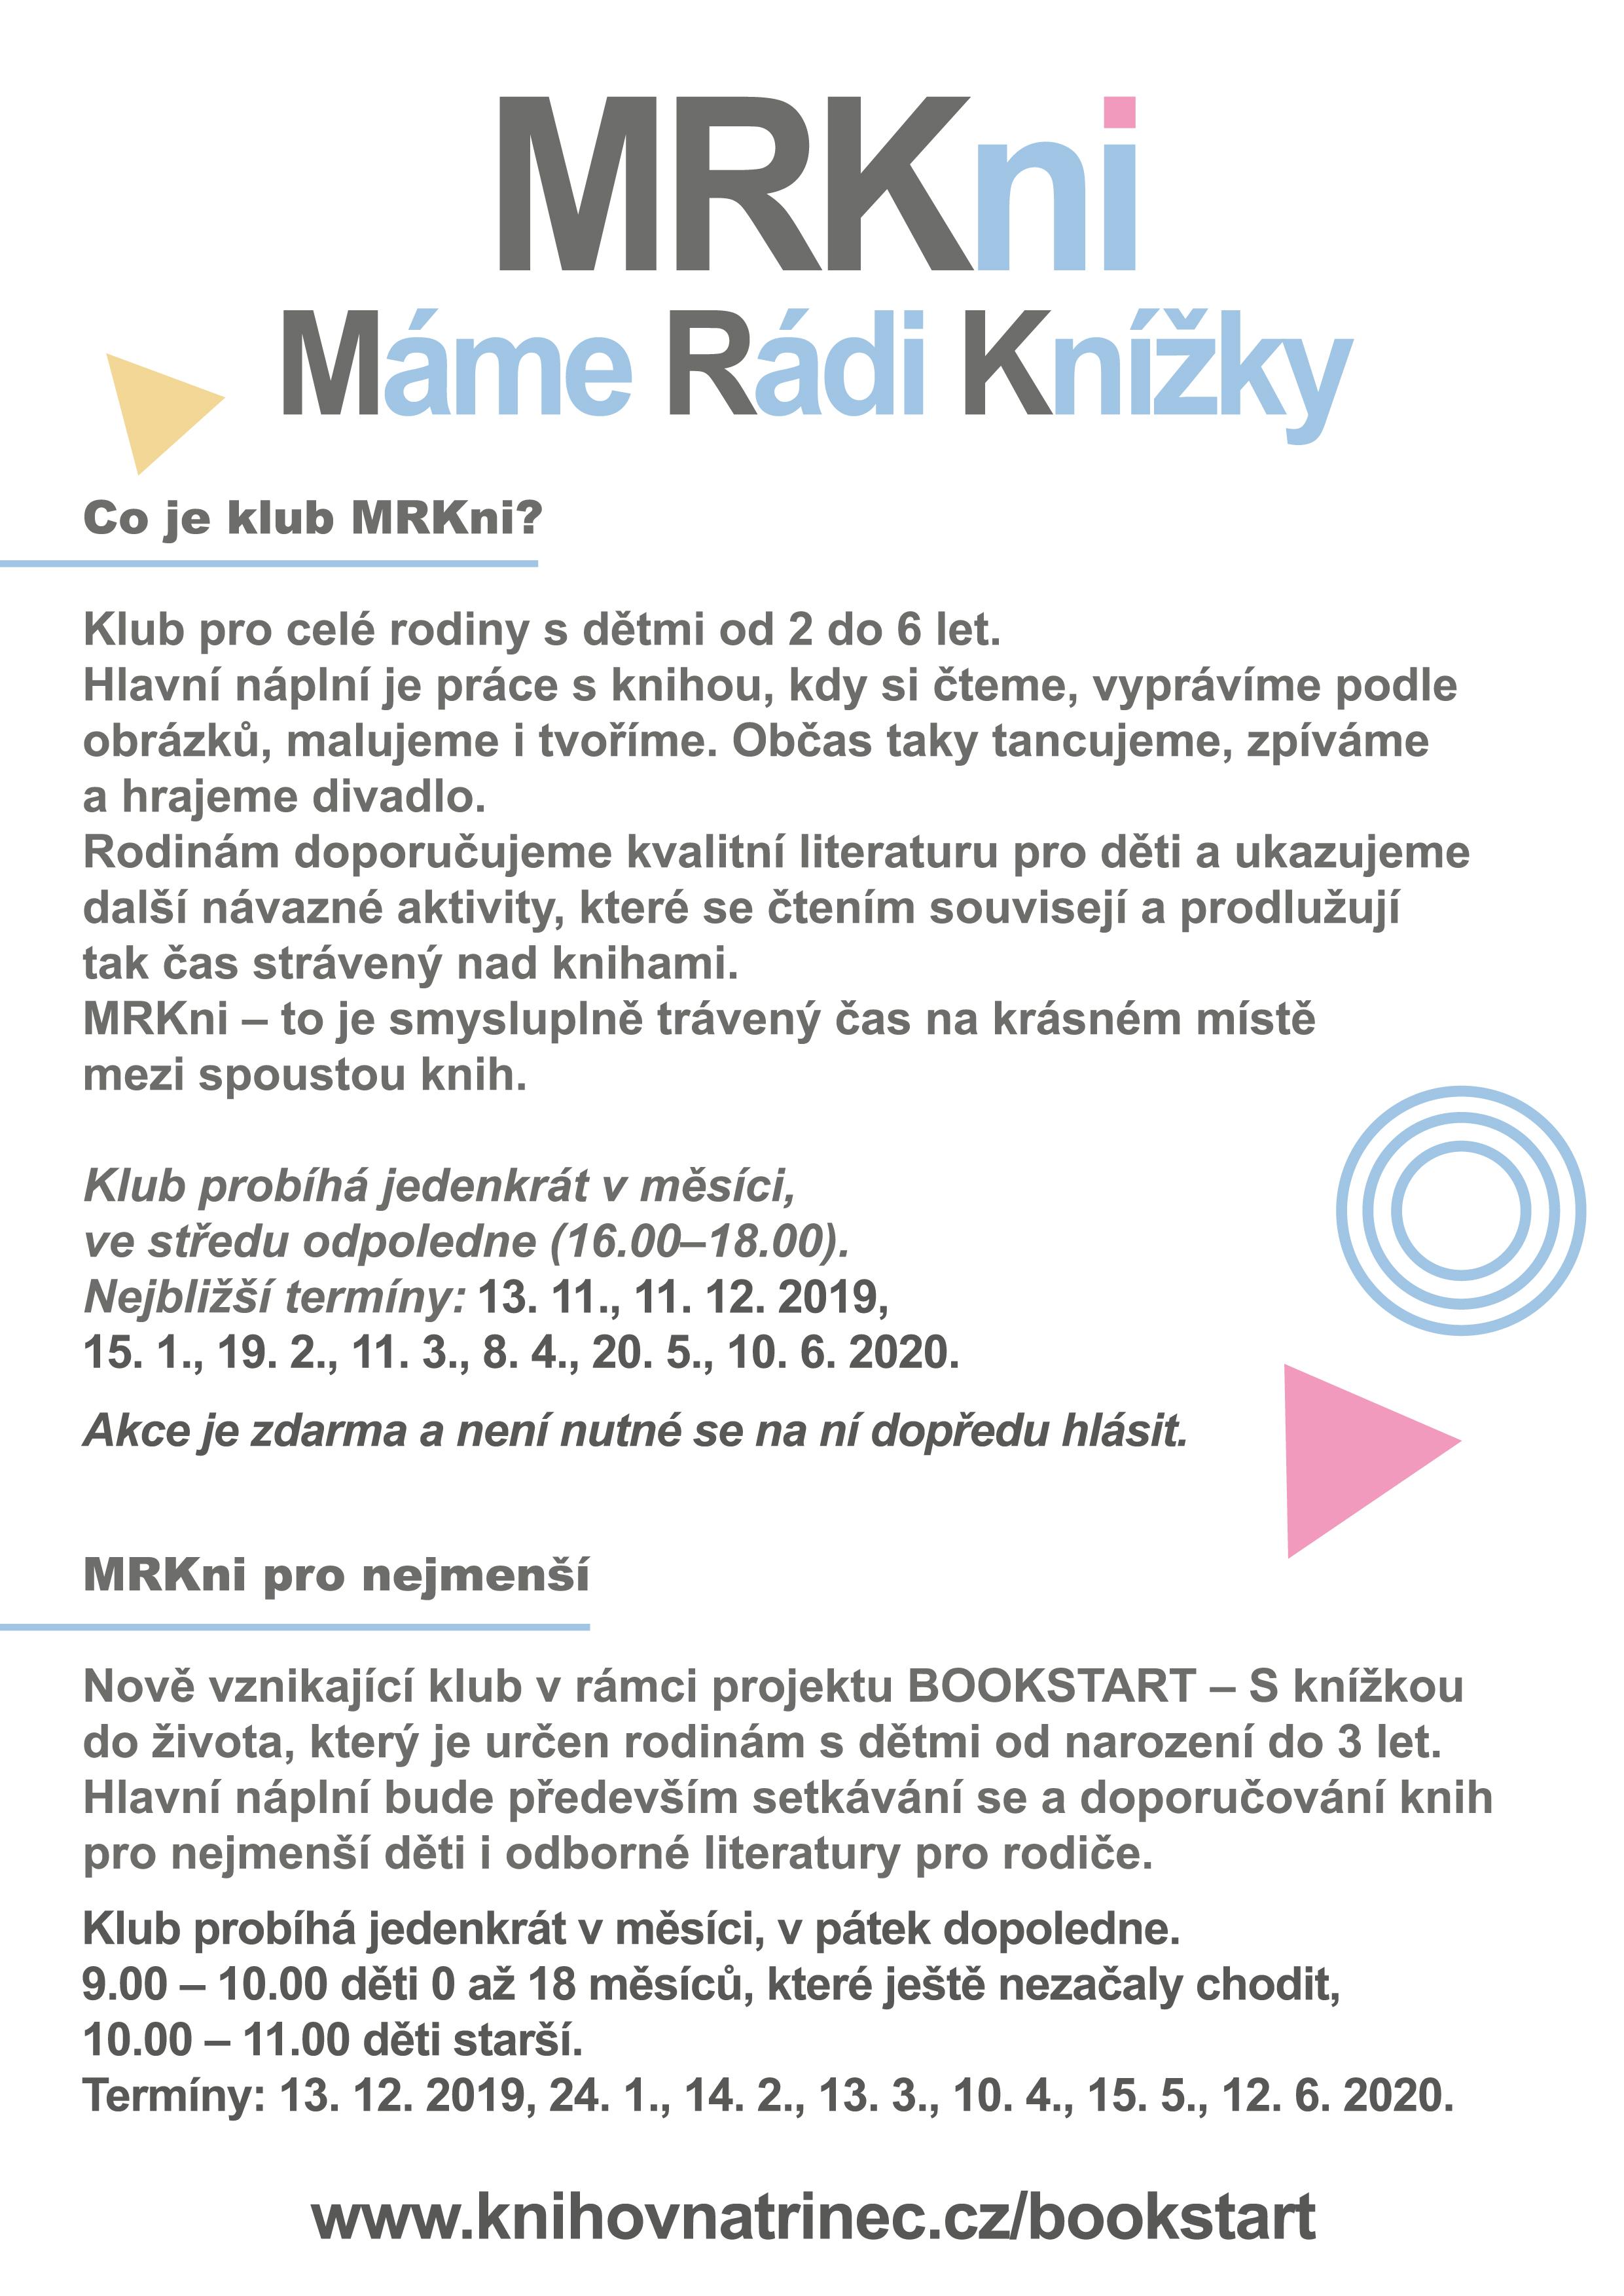 MRKni pro nejmenší text leták aktualizace 6 WEB